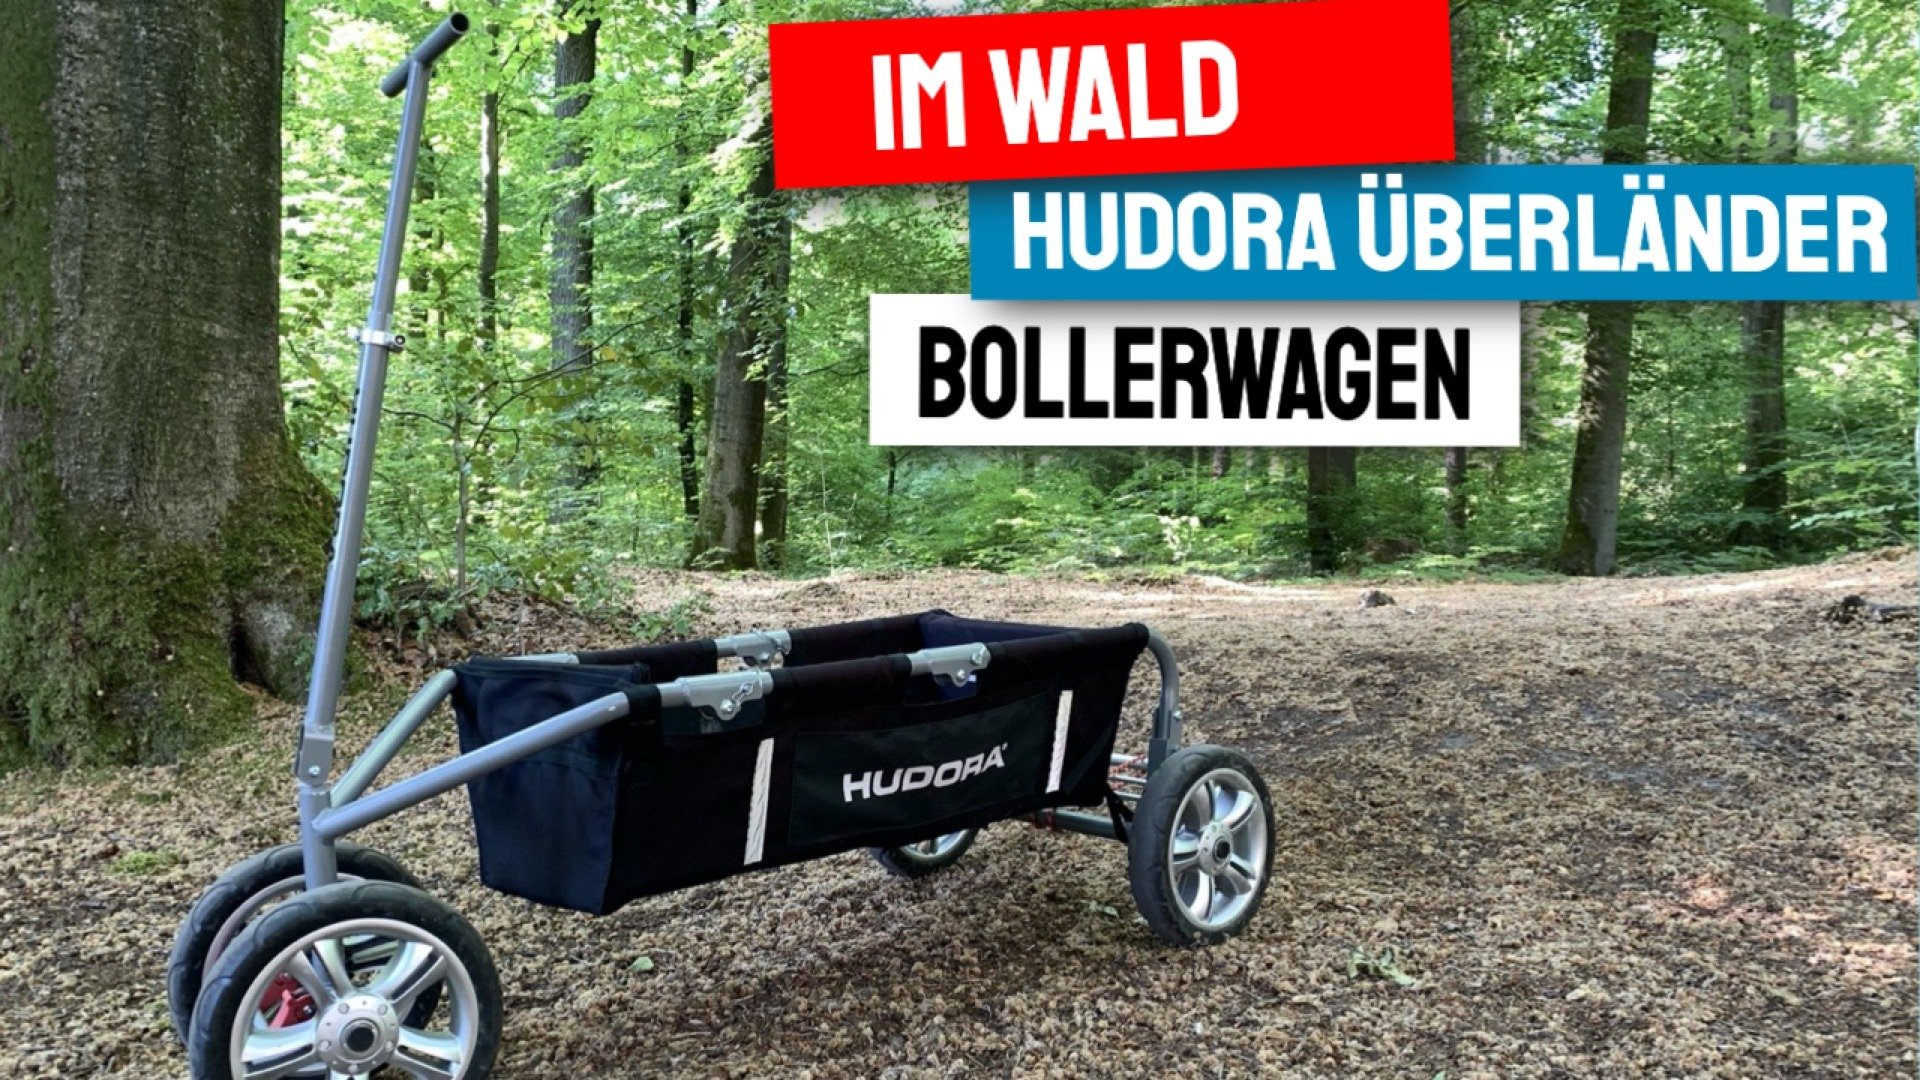 Faltbarer Bollerwagen Hudora Überländer Premium unterwegs im Wald Gelände